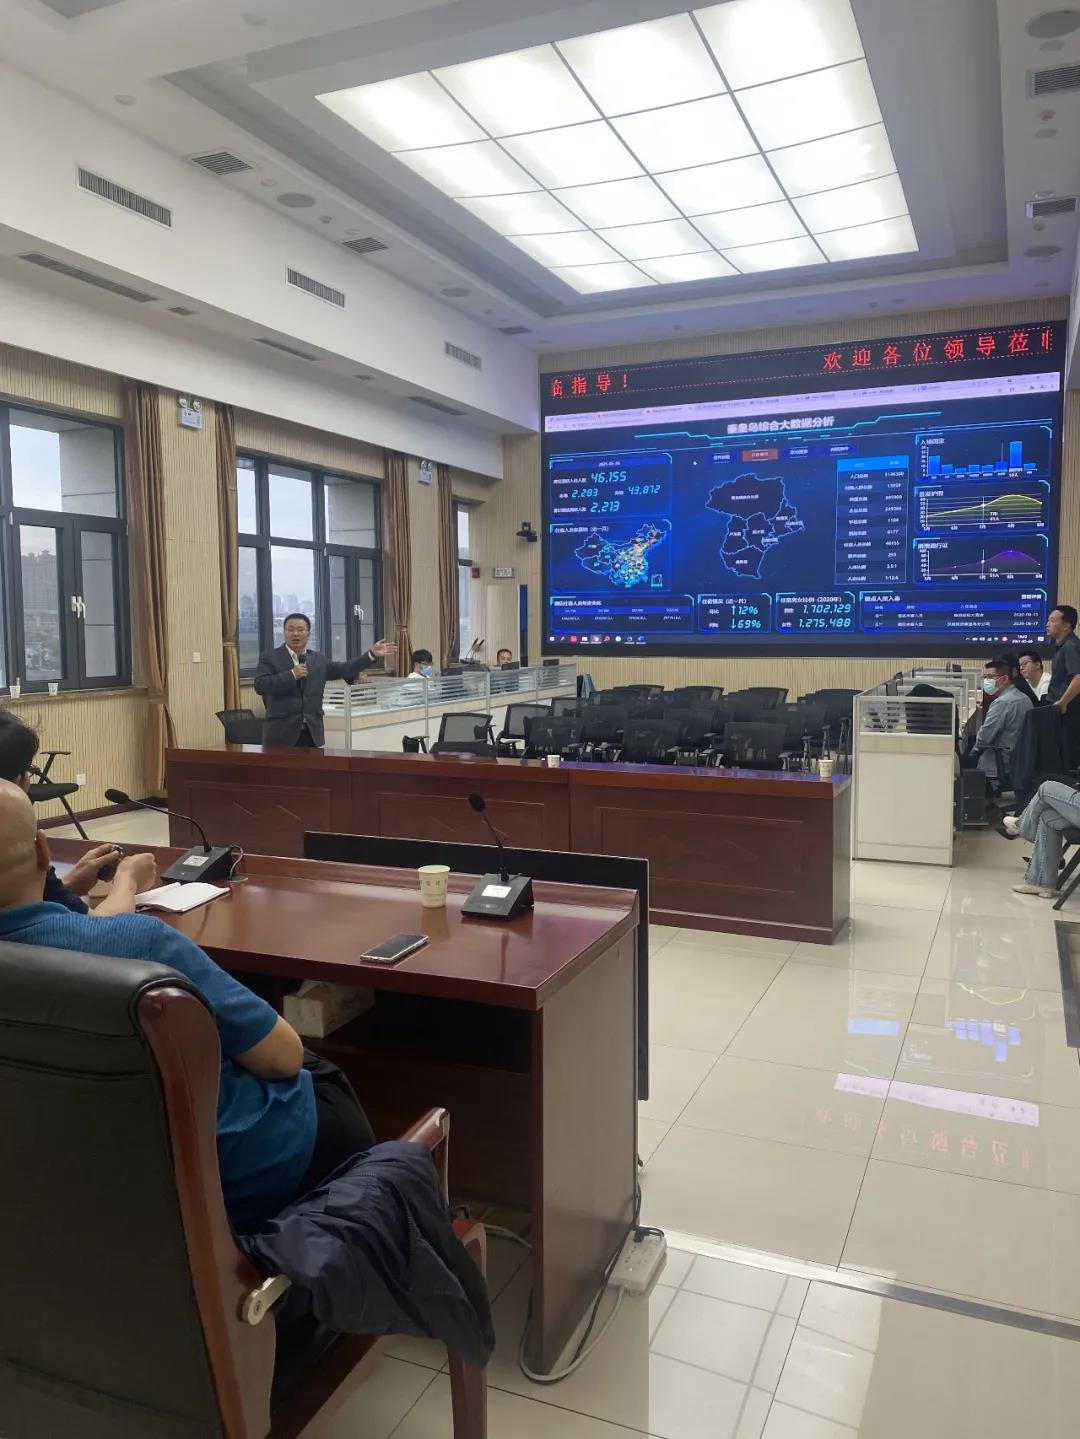 秦皇岛雪亮工程综治应用数据平台